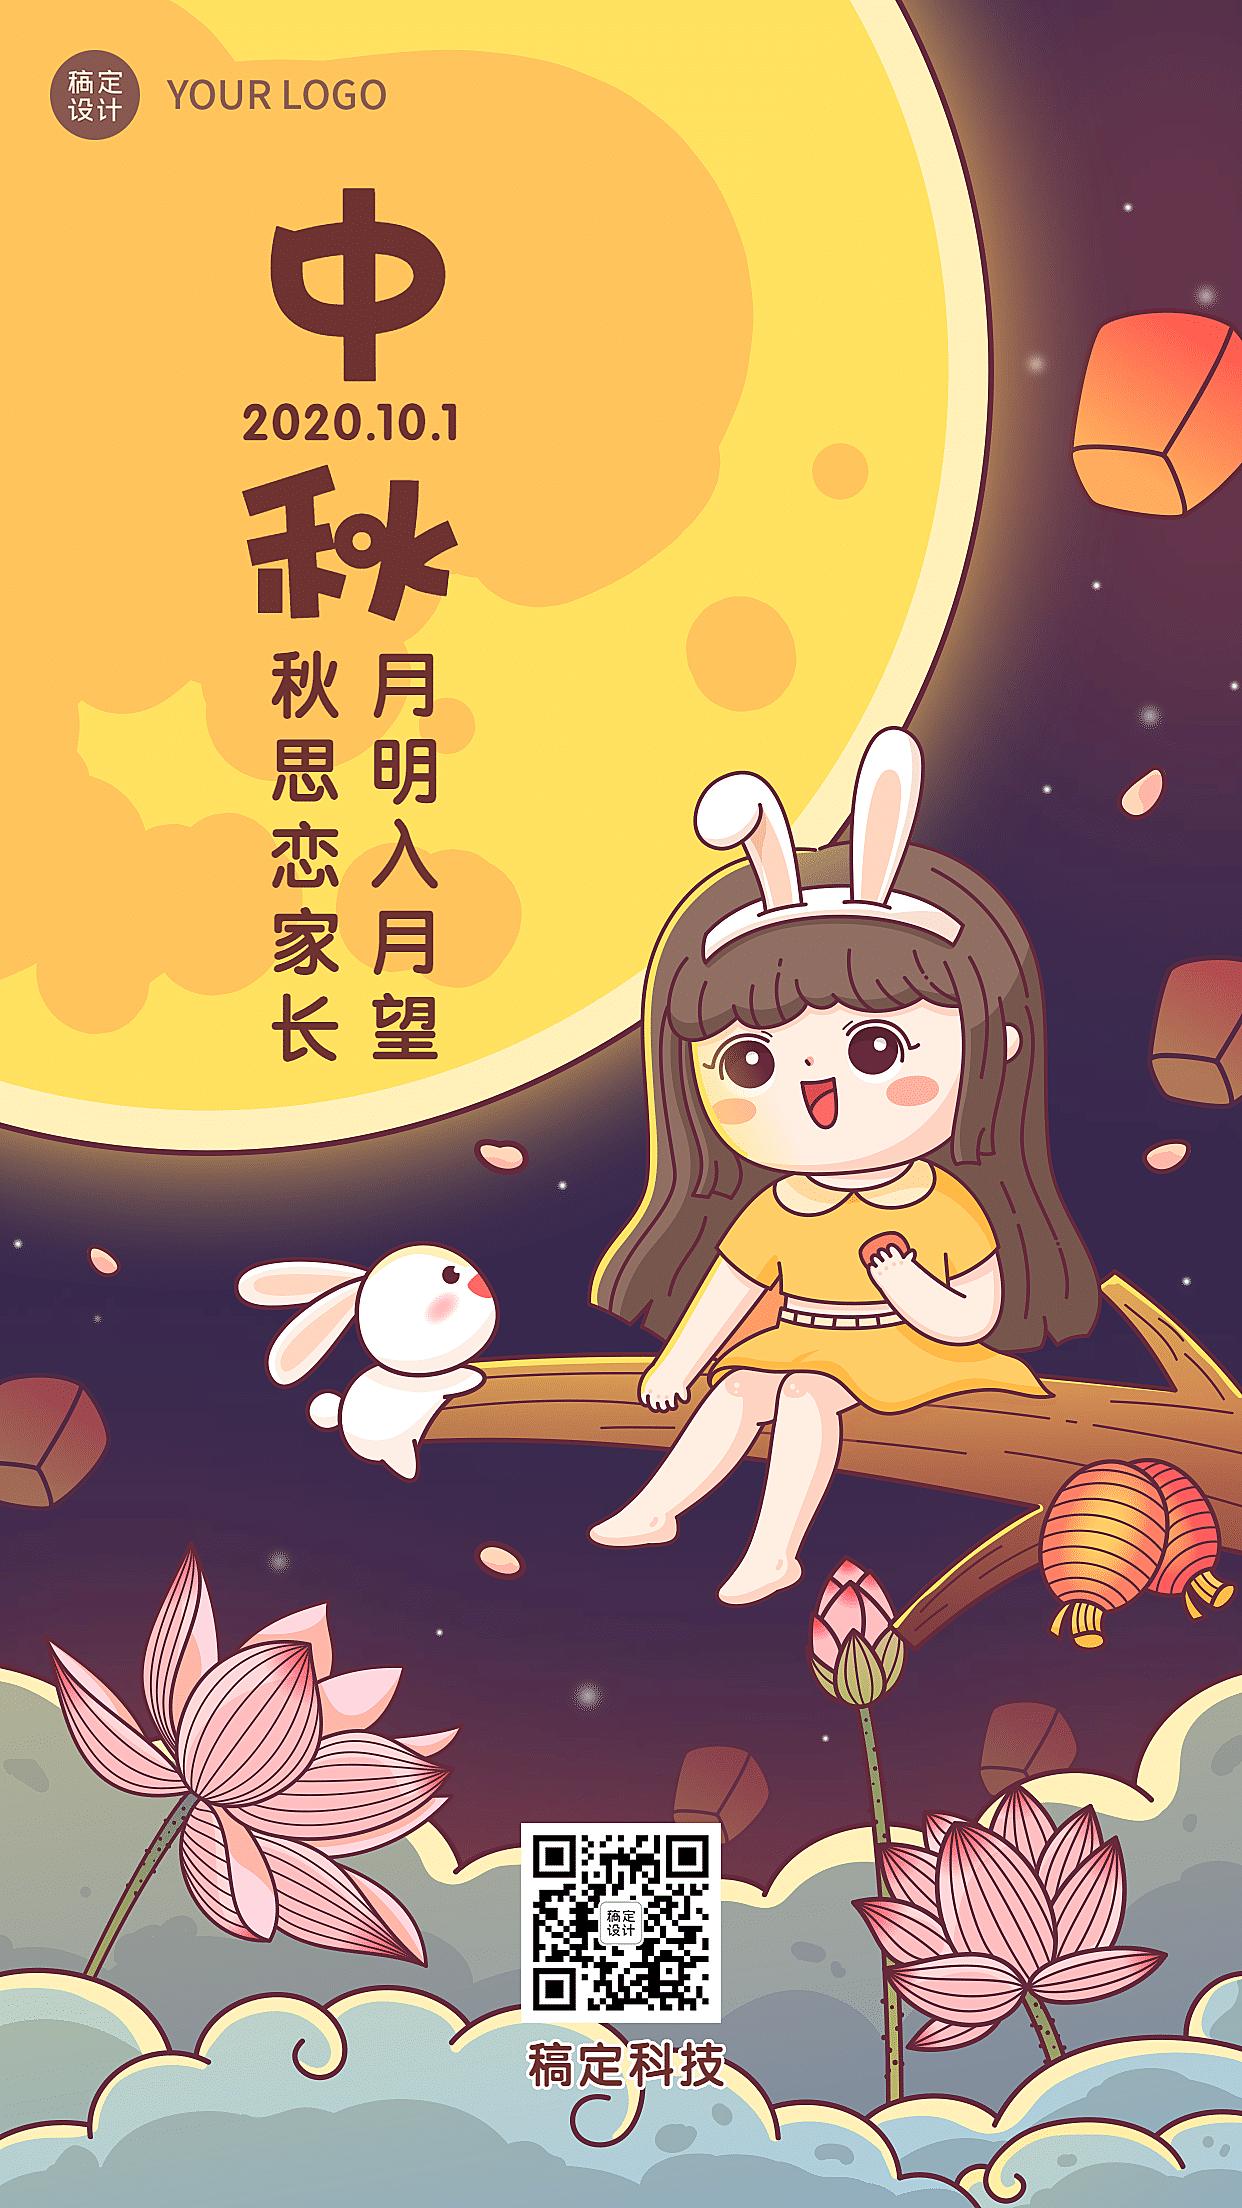 中秋节祝福卡通可爱手机海报